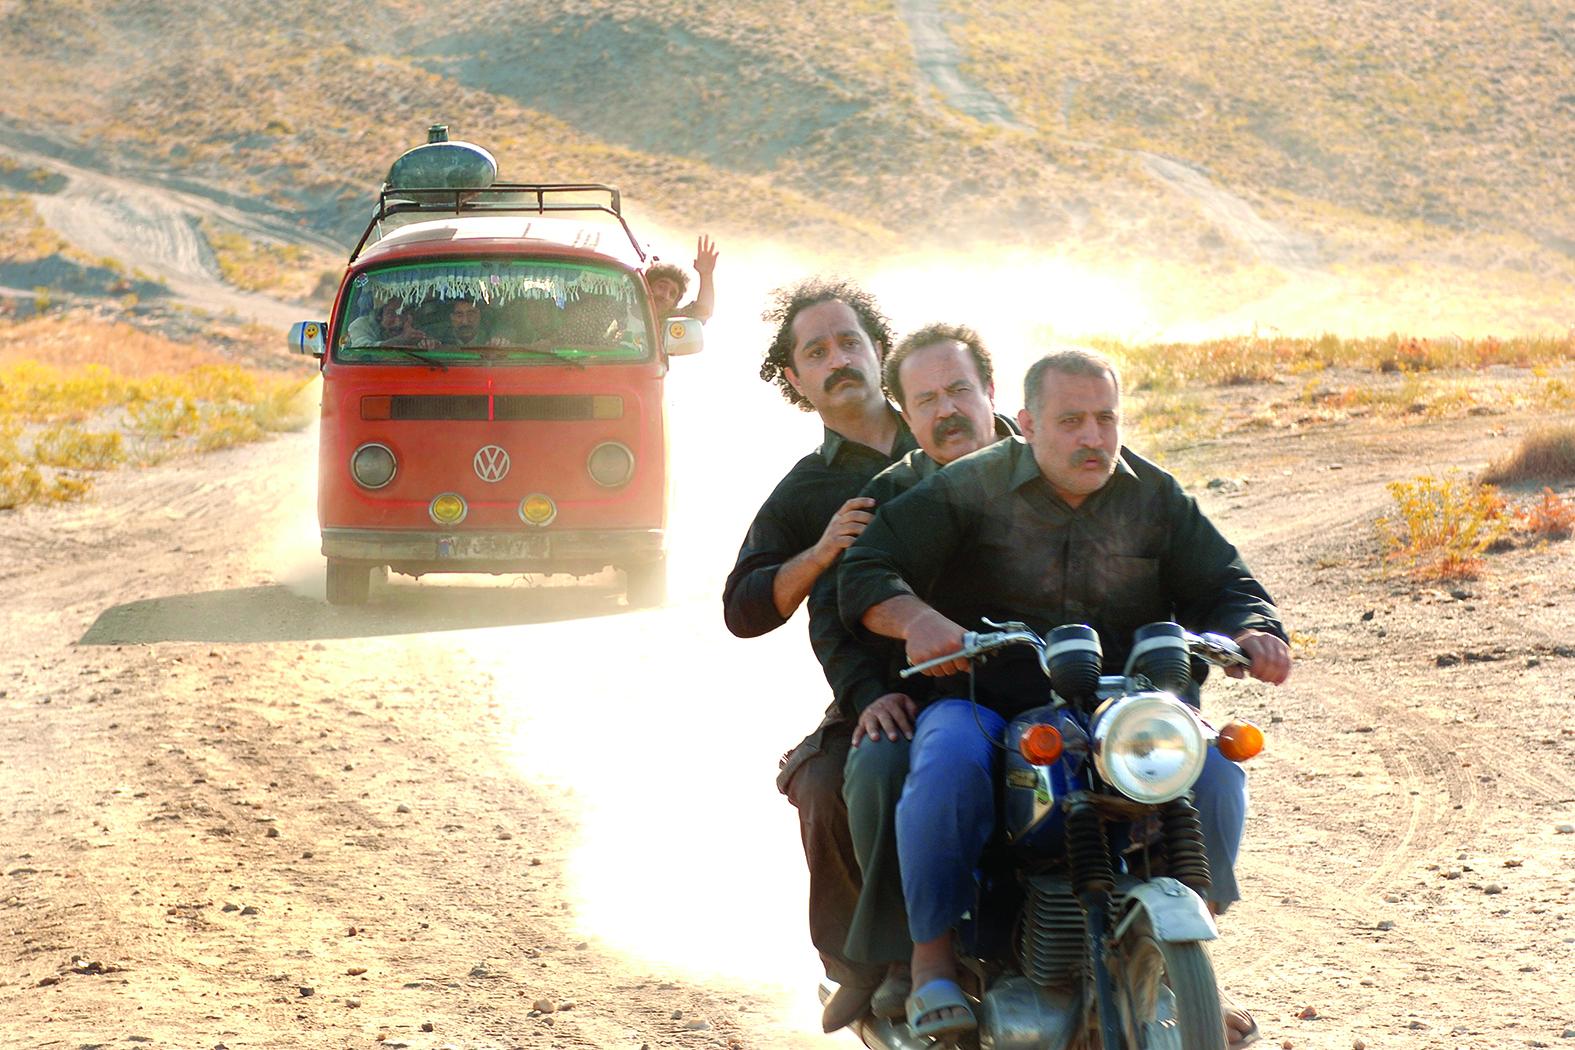 """عکاس فیلم """" امپراطور جهنم """" در کنار علی نصیریان کم آوردم! عکاسی محمد فوقانی در فیلم علی البدل"""